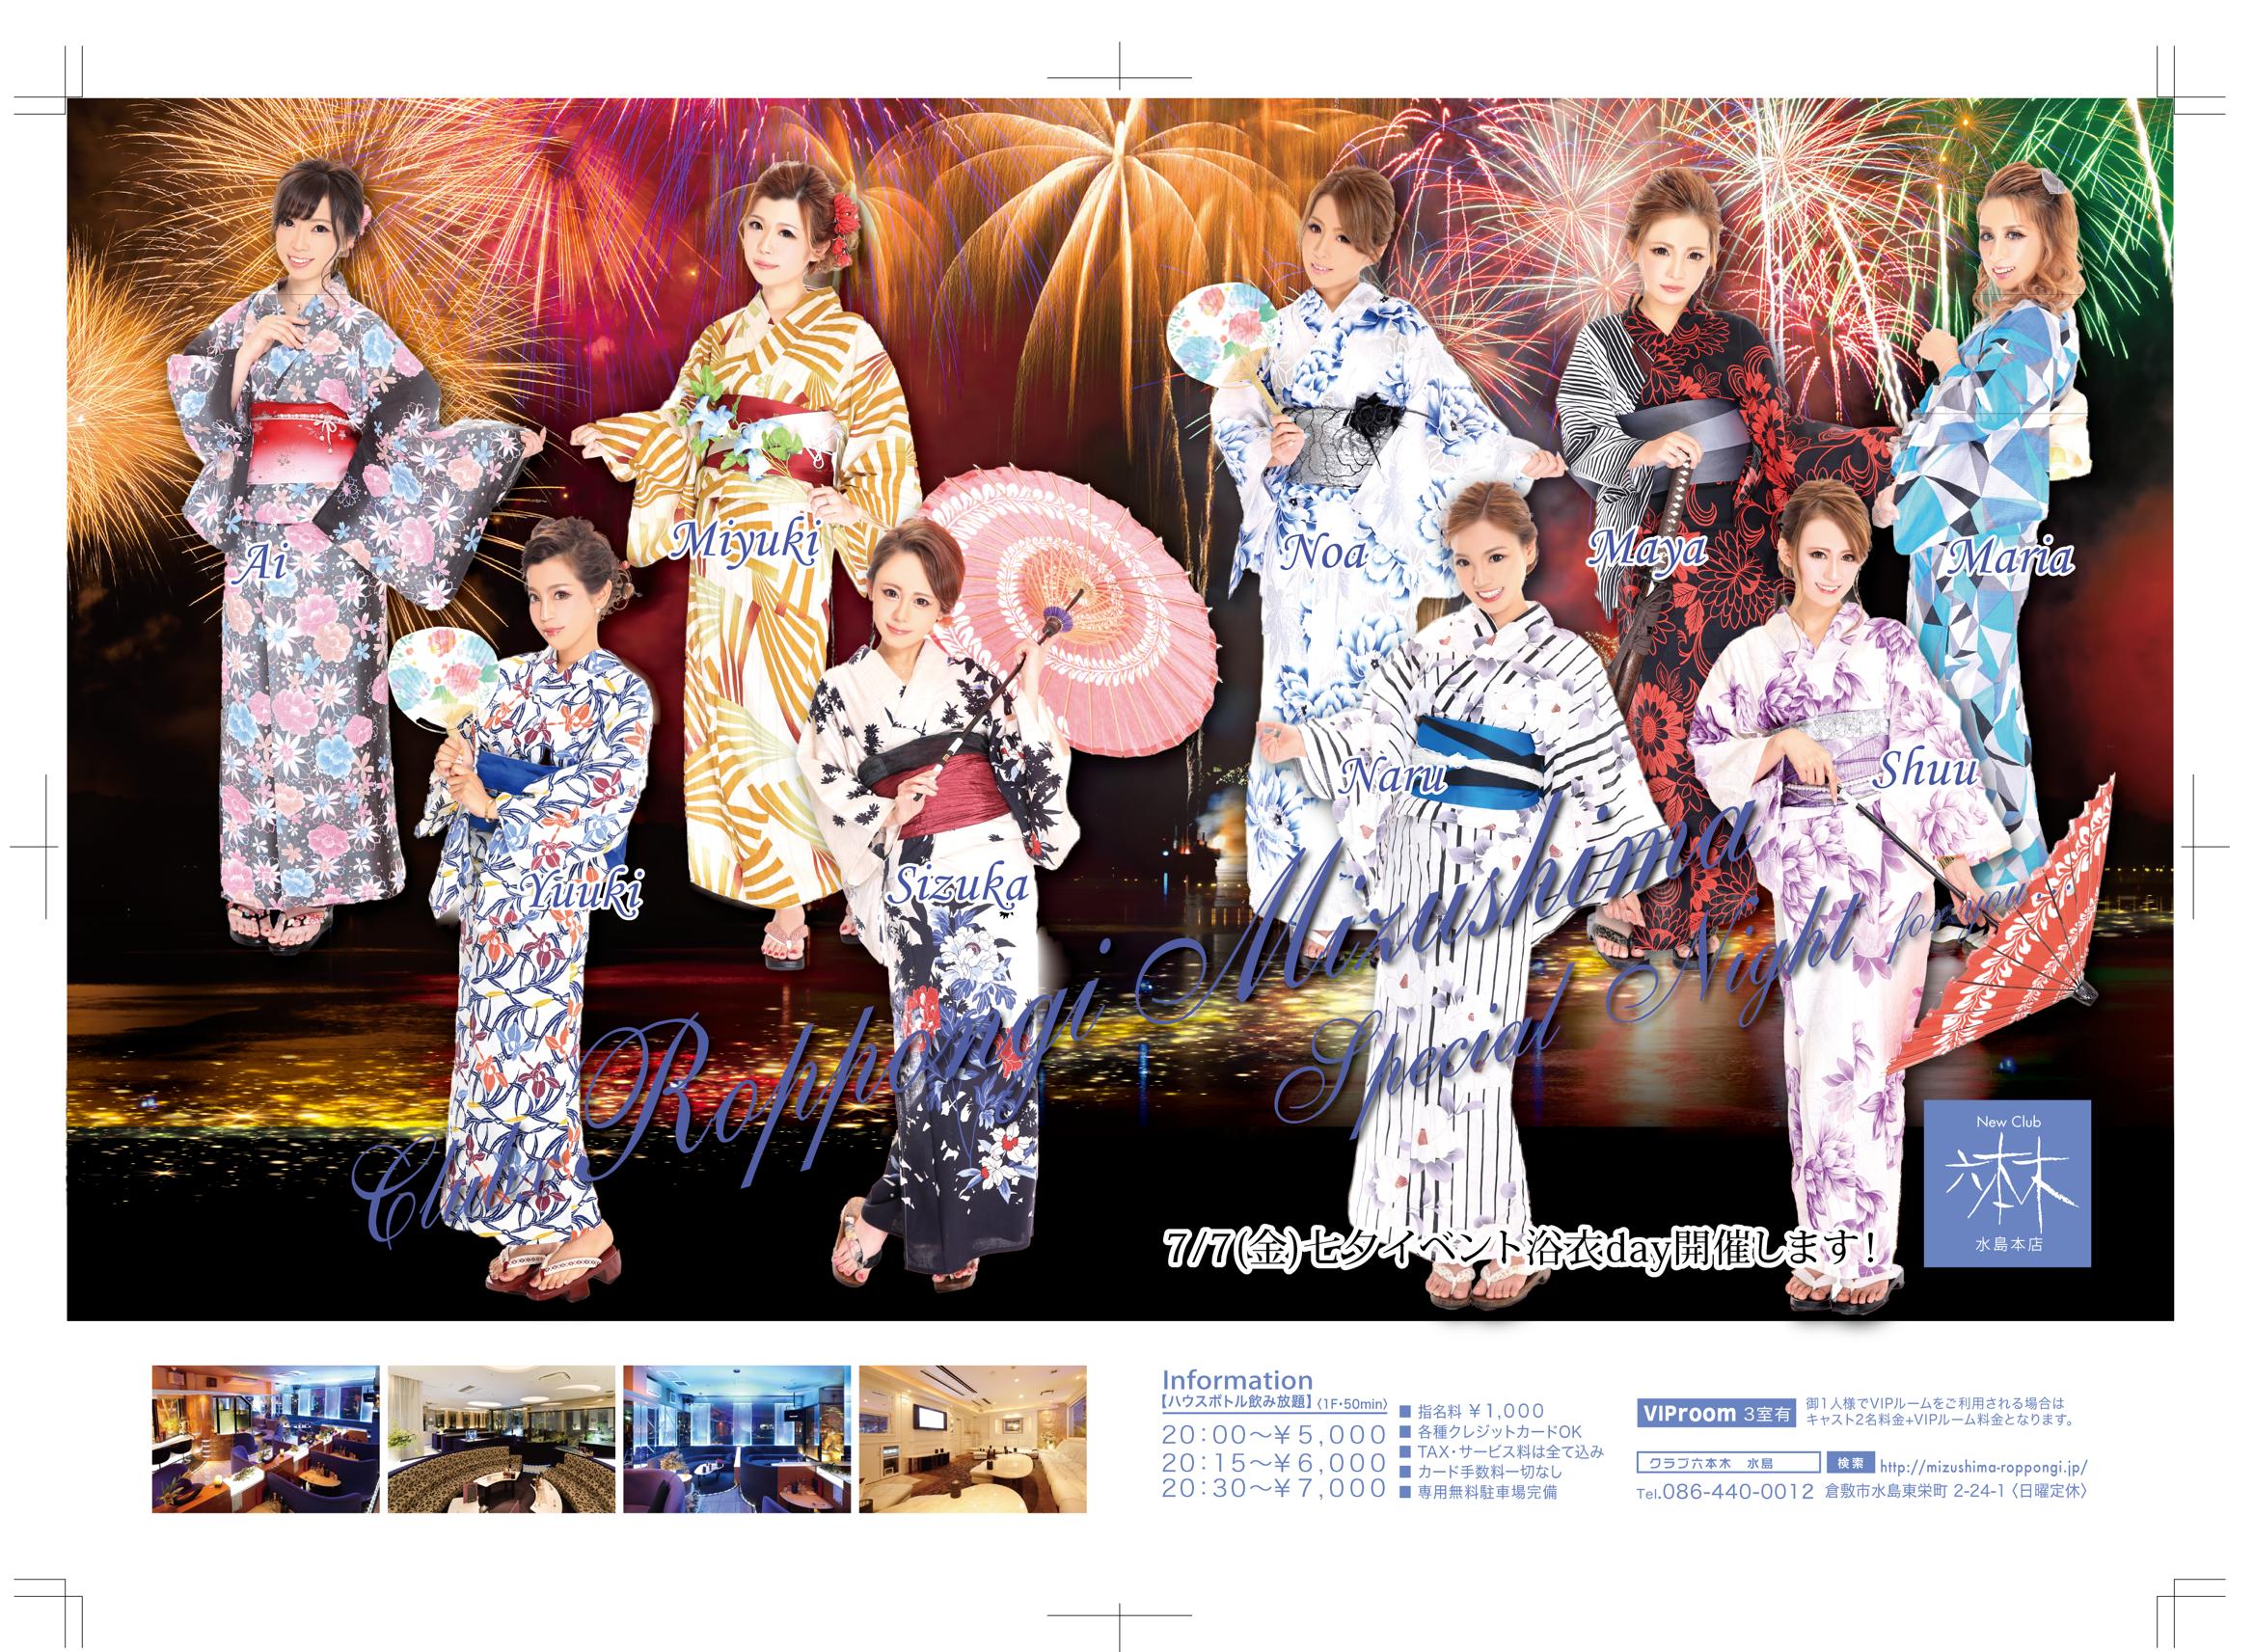 岡山県 倉敷・水島 キャバクラ Club 六本木 水島本店の店舗画像